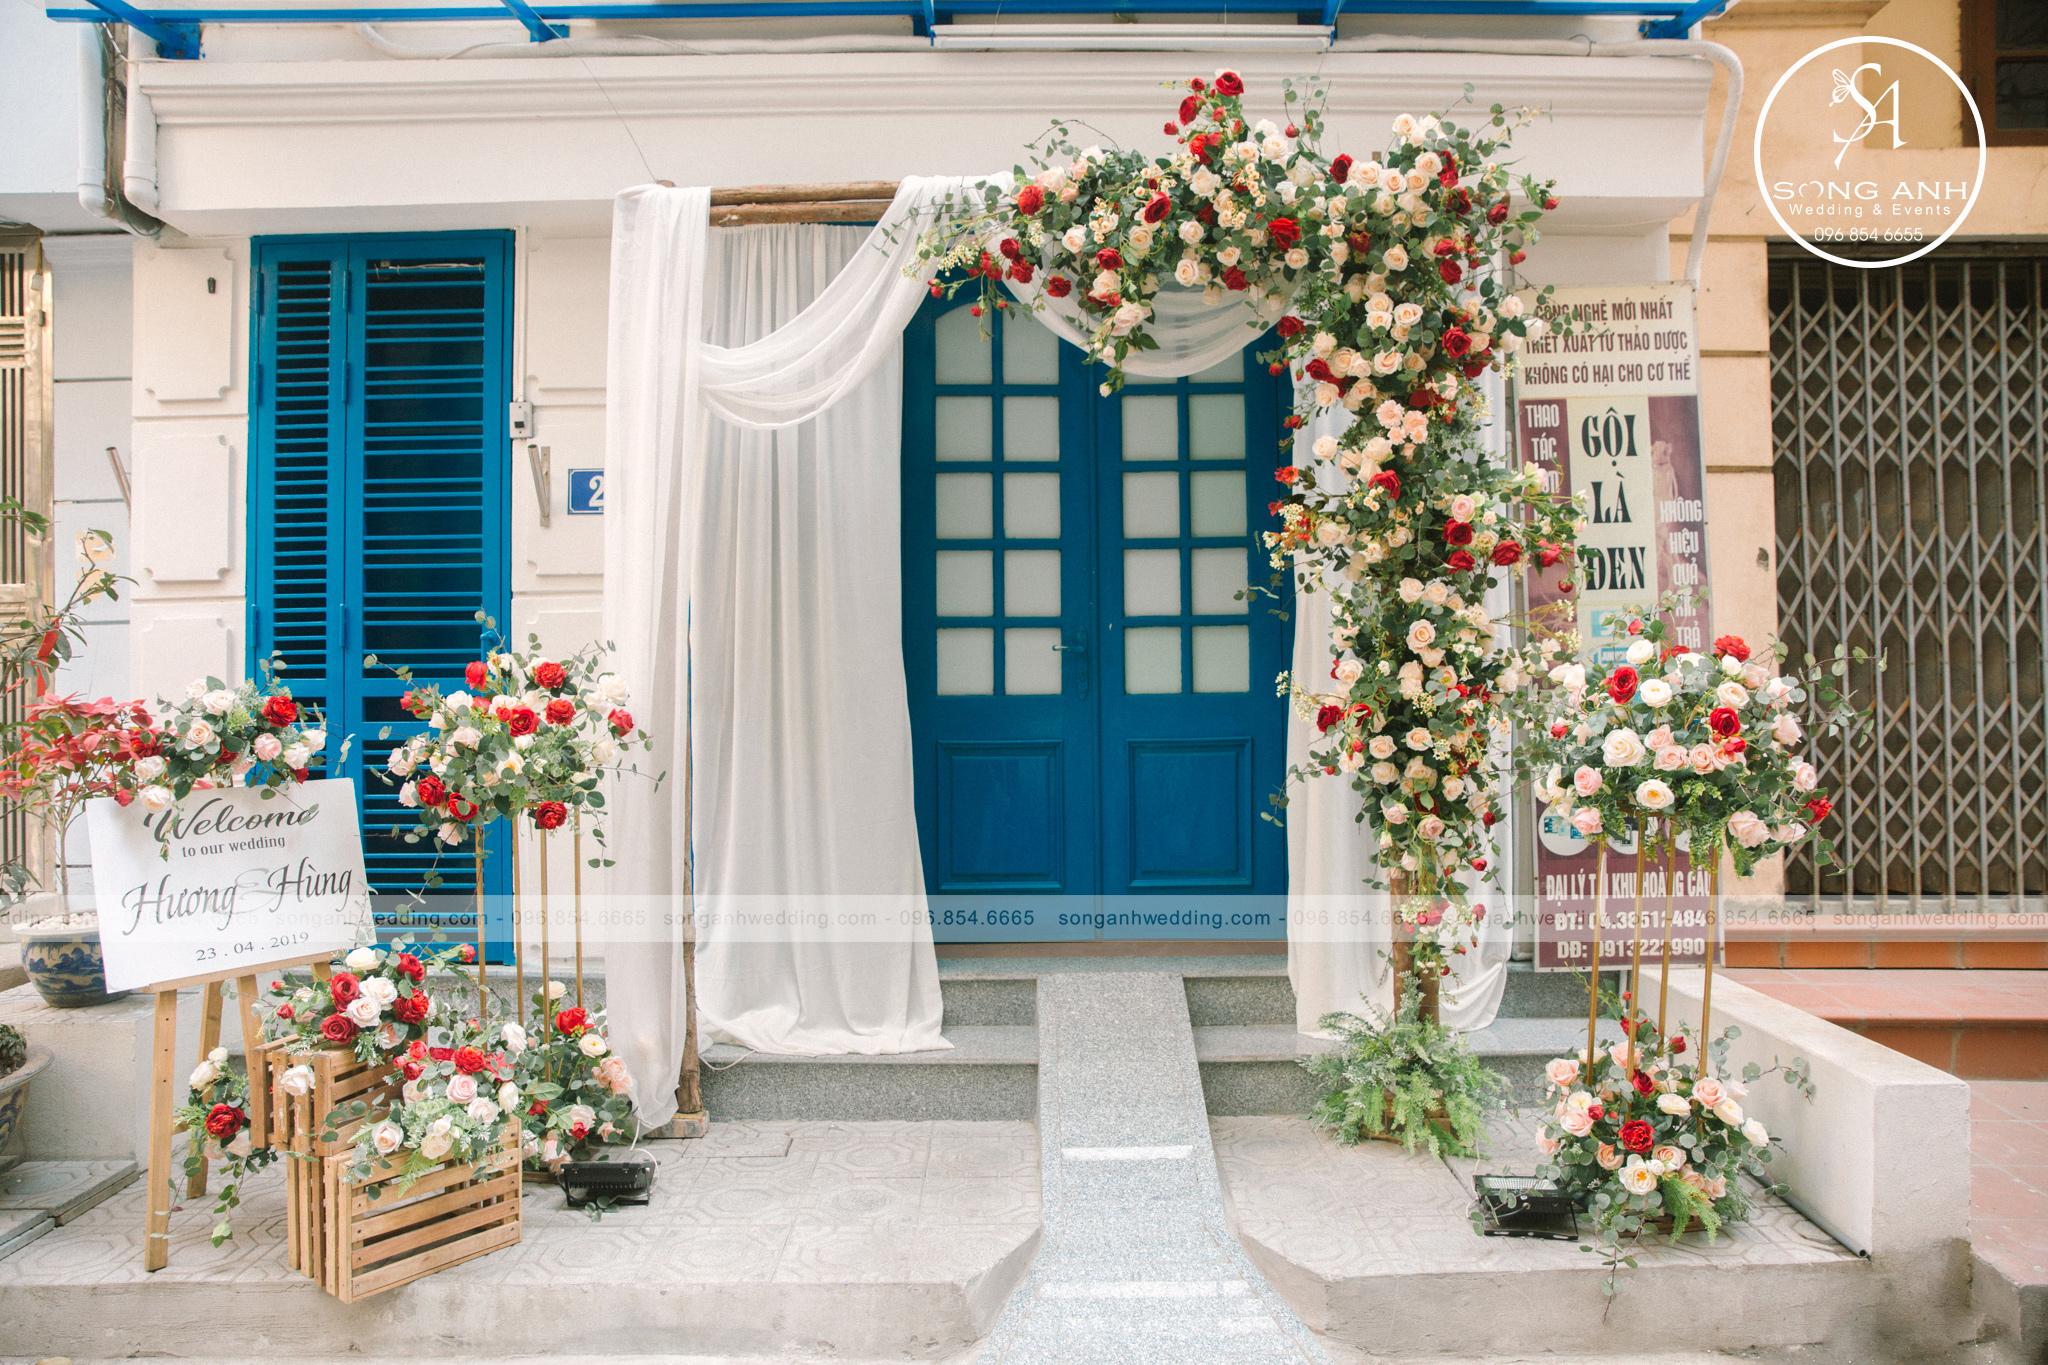 trang trí tiệc cưới tại gia cho không gian nhỏ